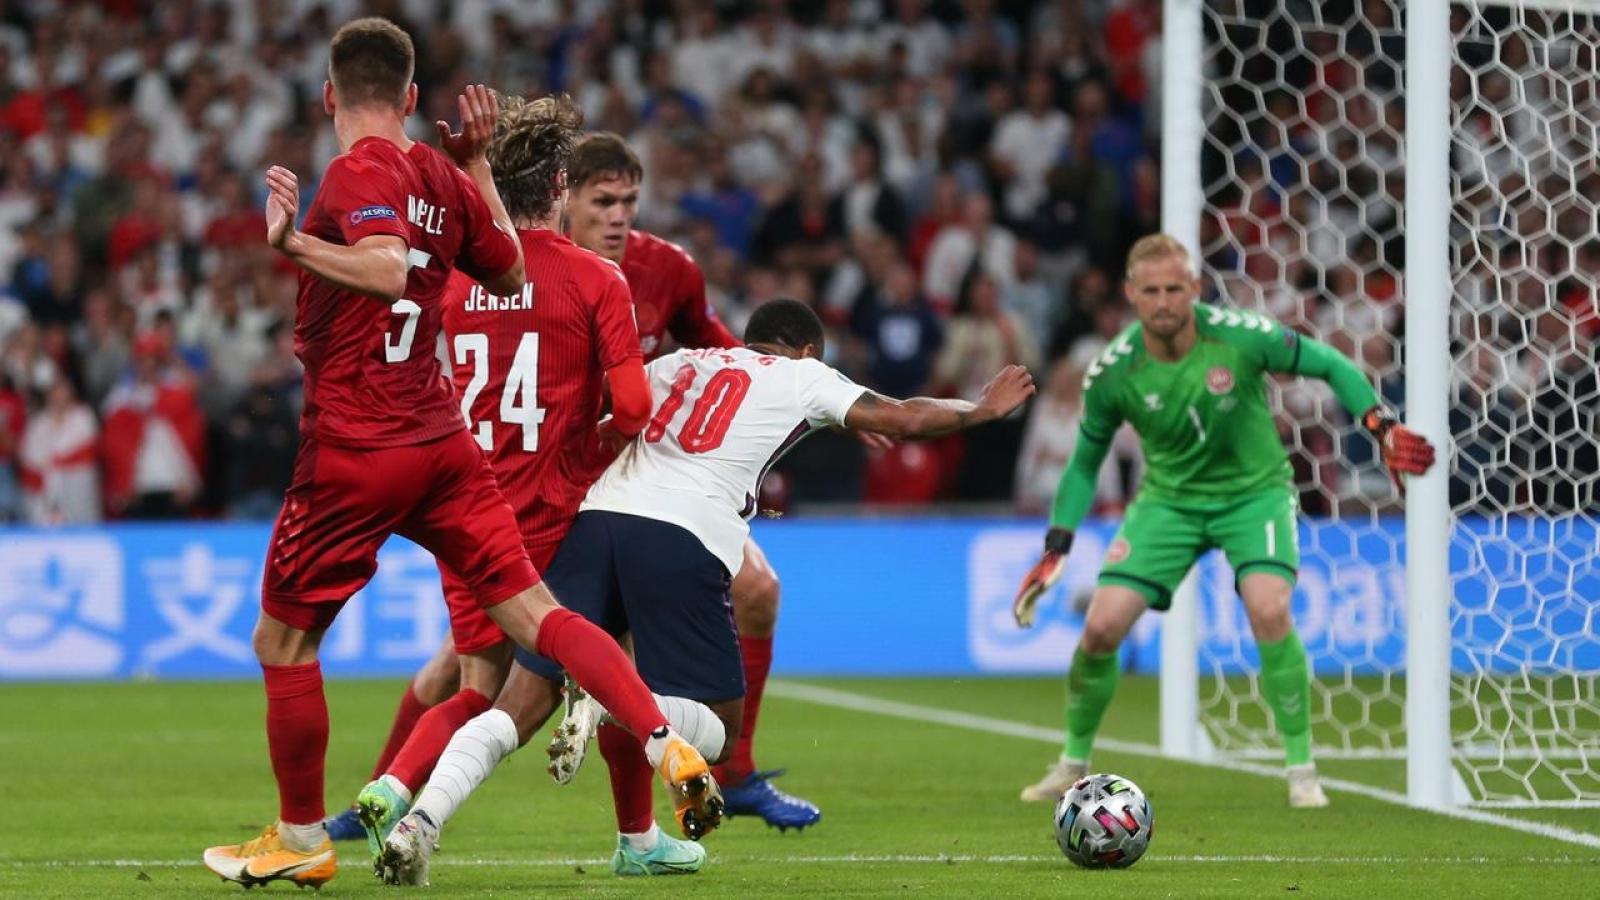 HLV Đan Mạch bức xúc vì thua Anh sau quả penalty gây tranh cãi